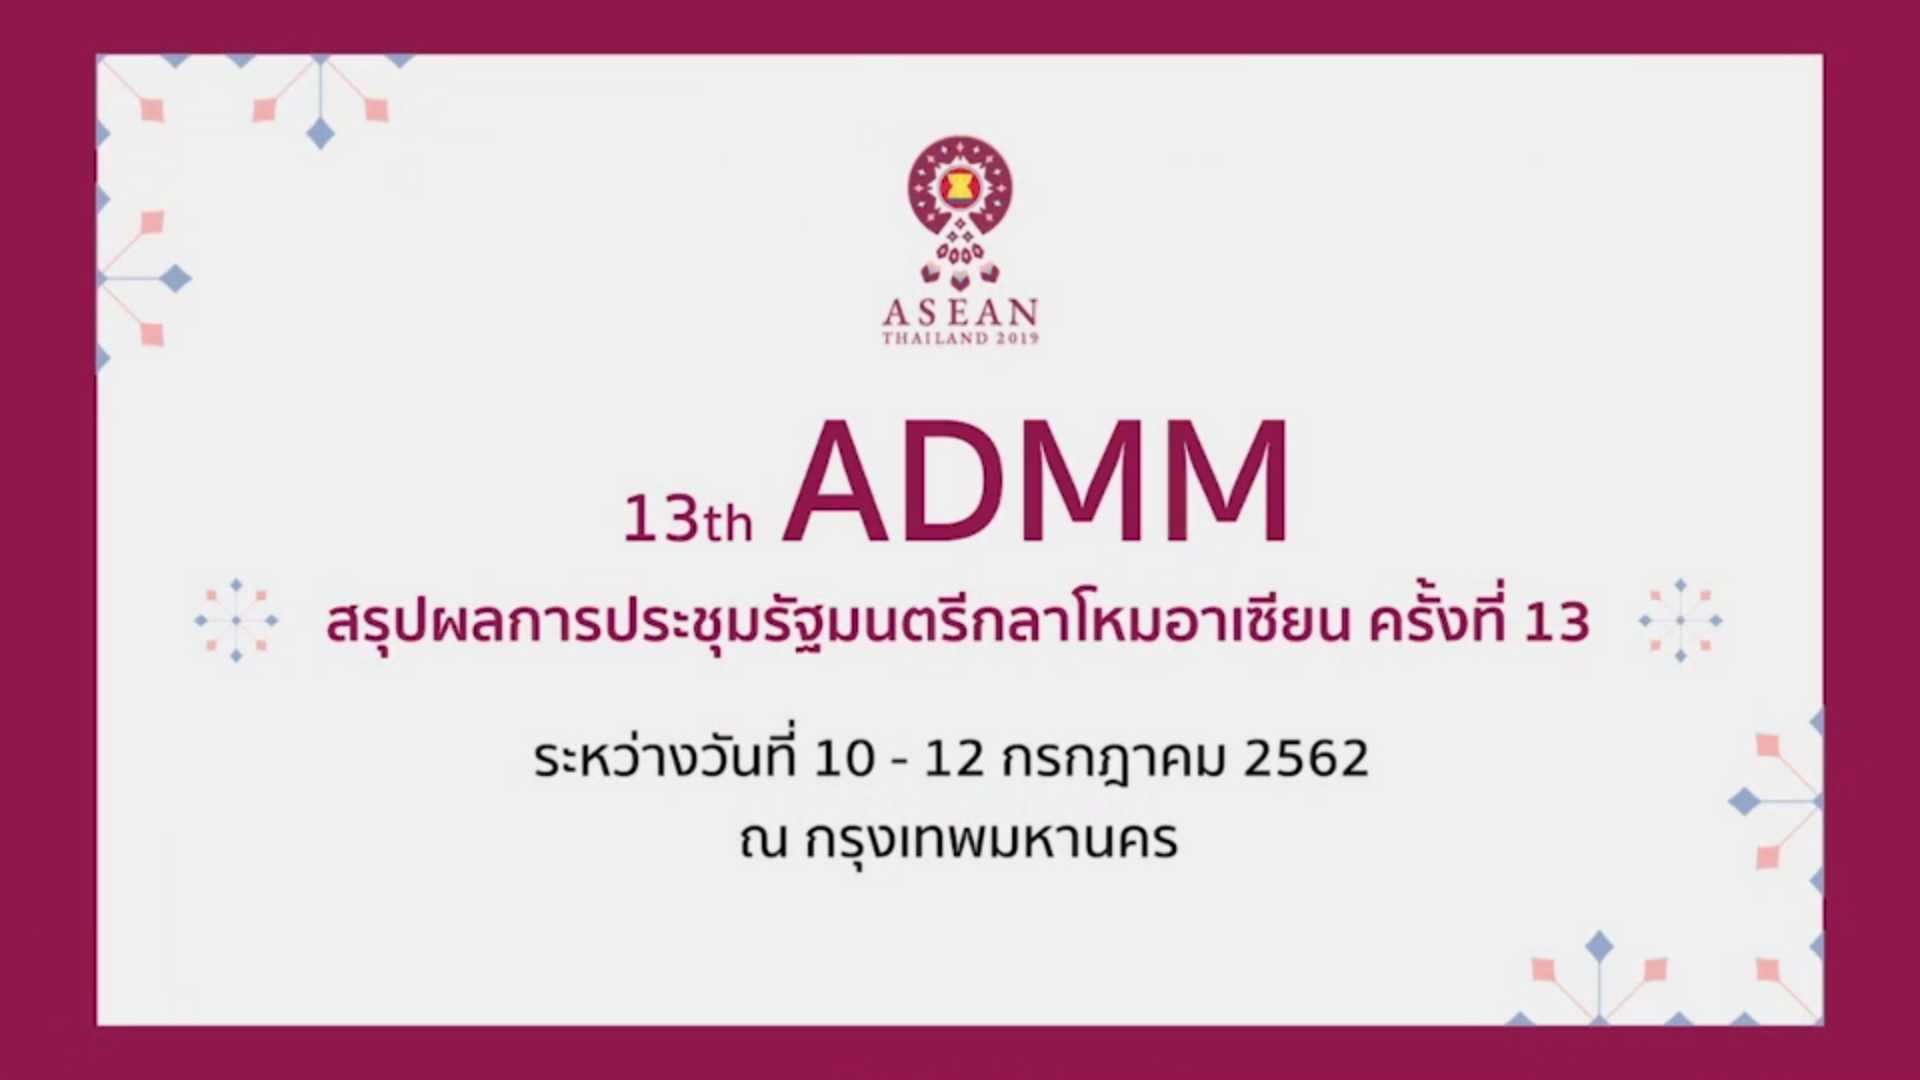 ไฮไลต์ผลการประชุมรัฐมนตรีกลาโหมอาเซียน ครั้งที่ 13 ระหว่างวันที่ 10-12 ก.ค. 2562